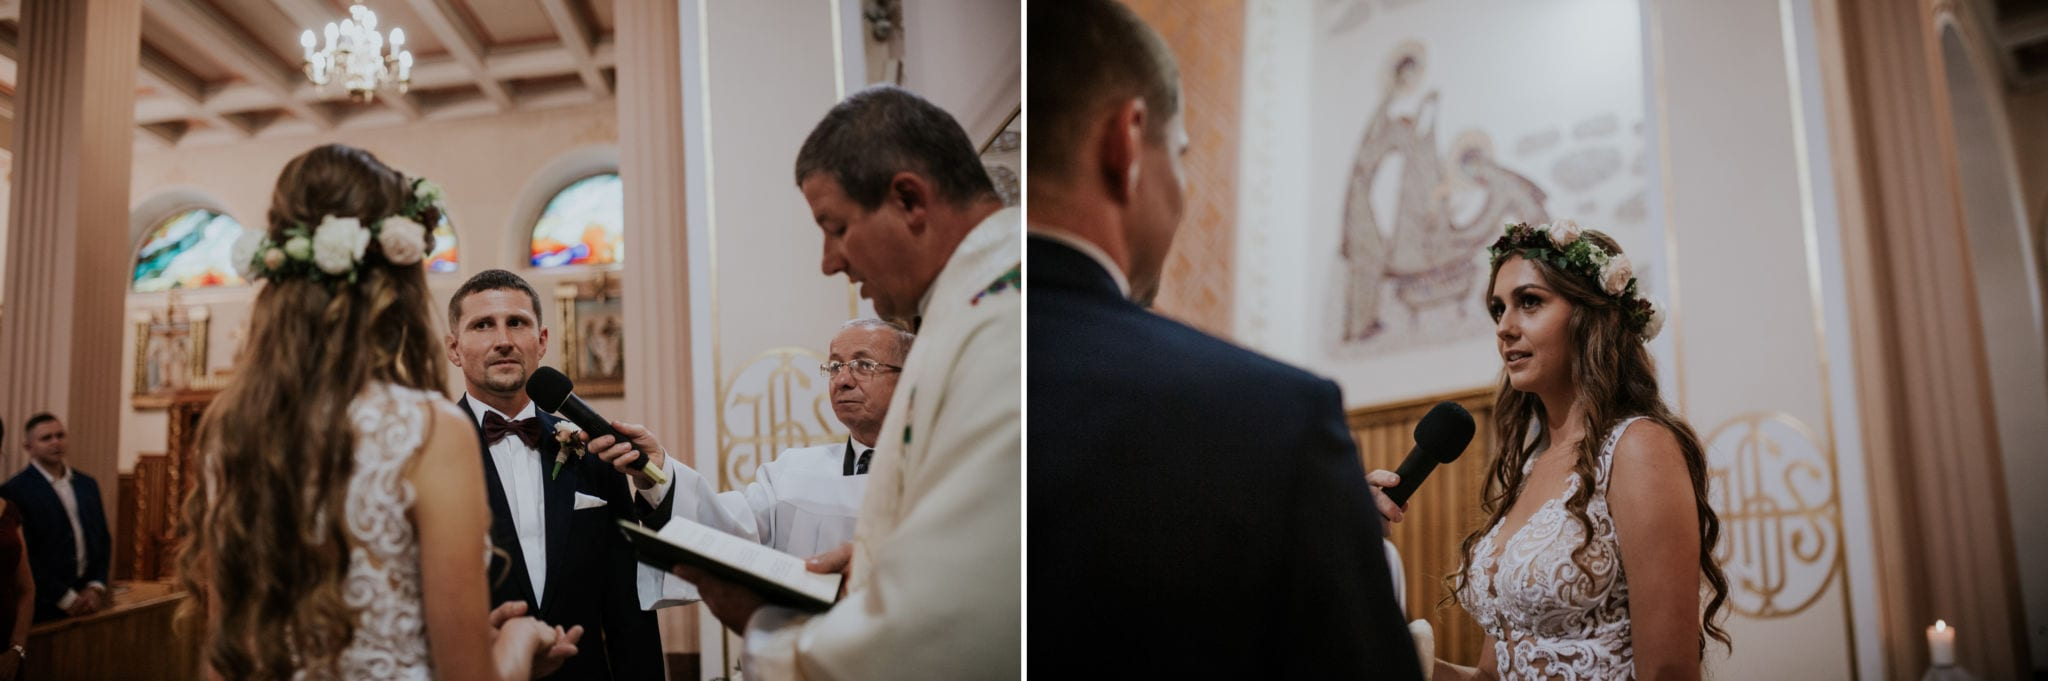 Kasia & Tomek <br>Ślub w Szczyrku 68